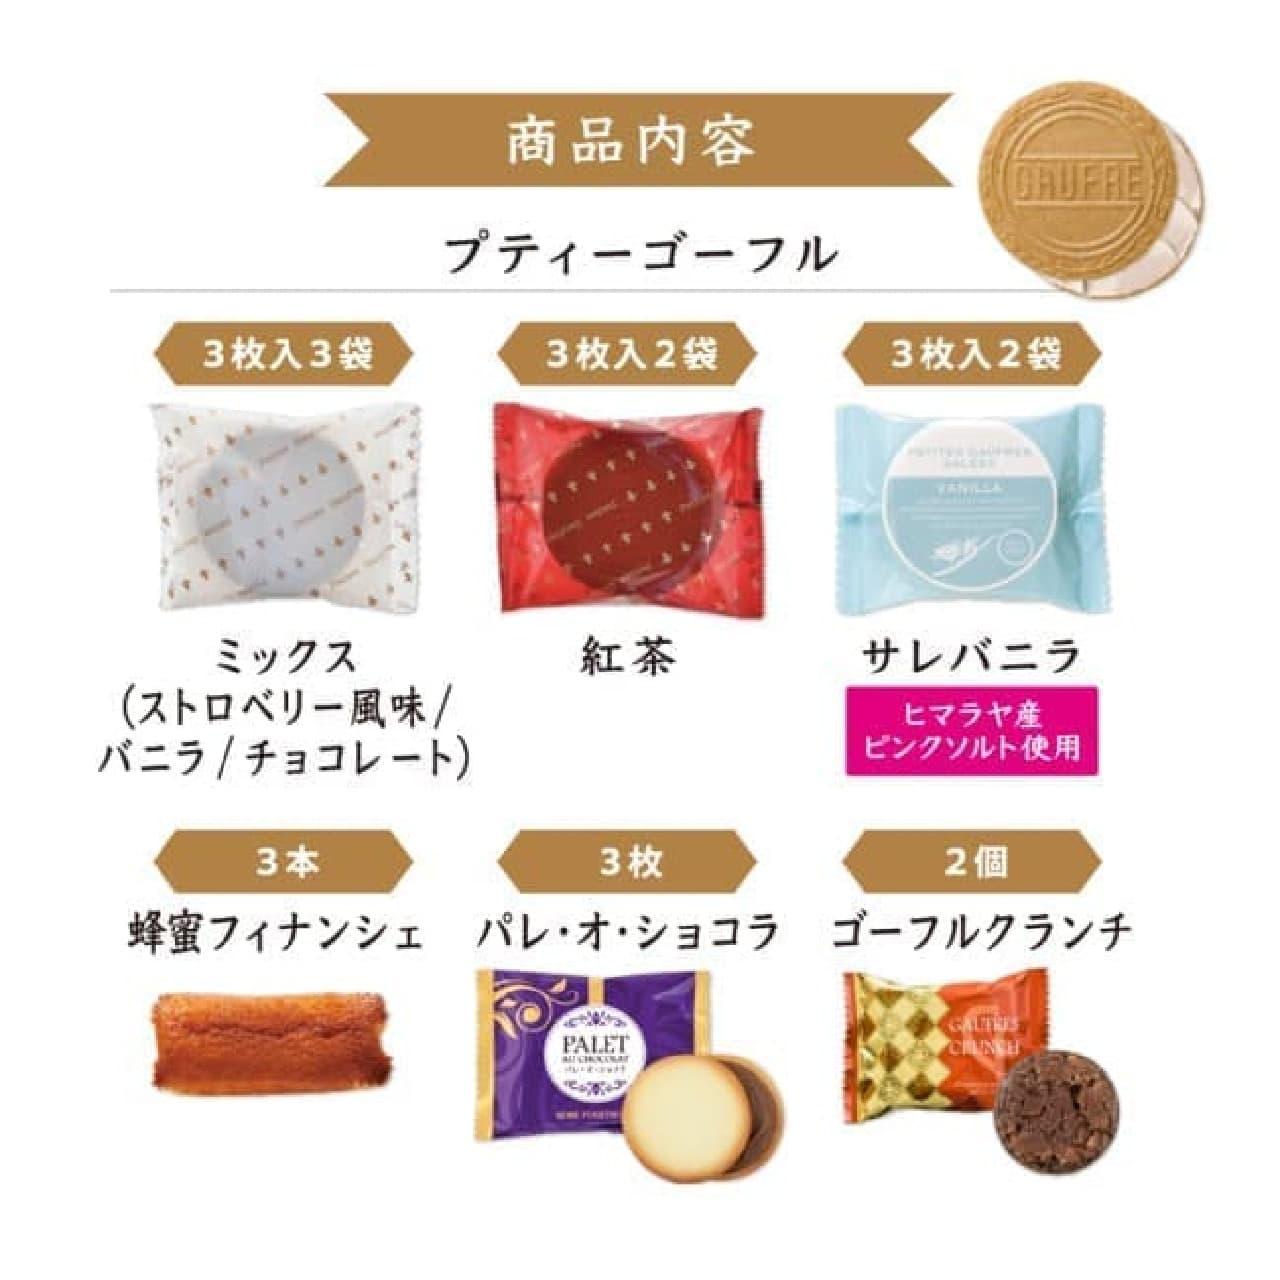 神戸風月堂「エコバッグ付き母の日アソーテッドスイーツ30B」レトロ可愛いゴーフル風バッグ